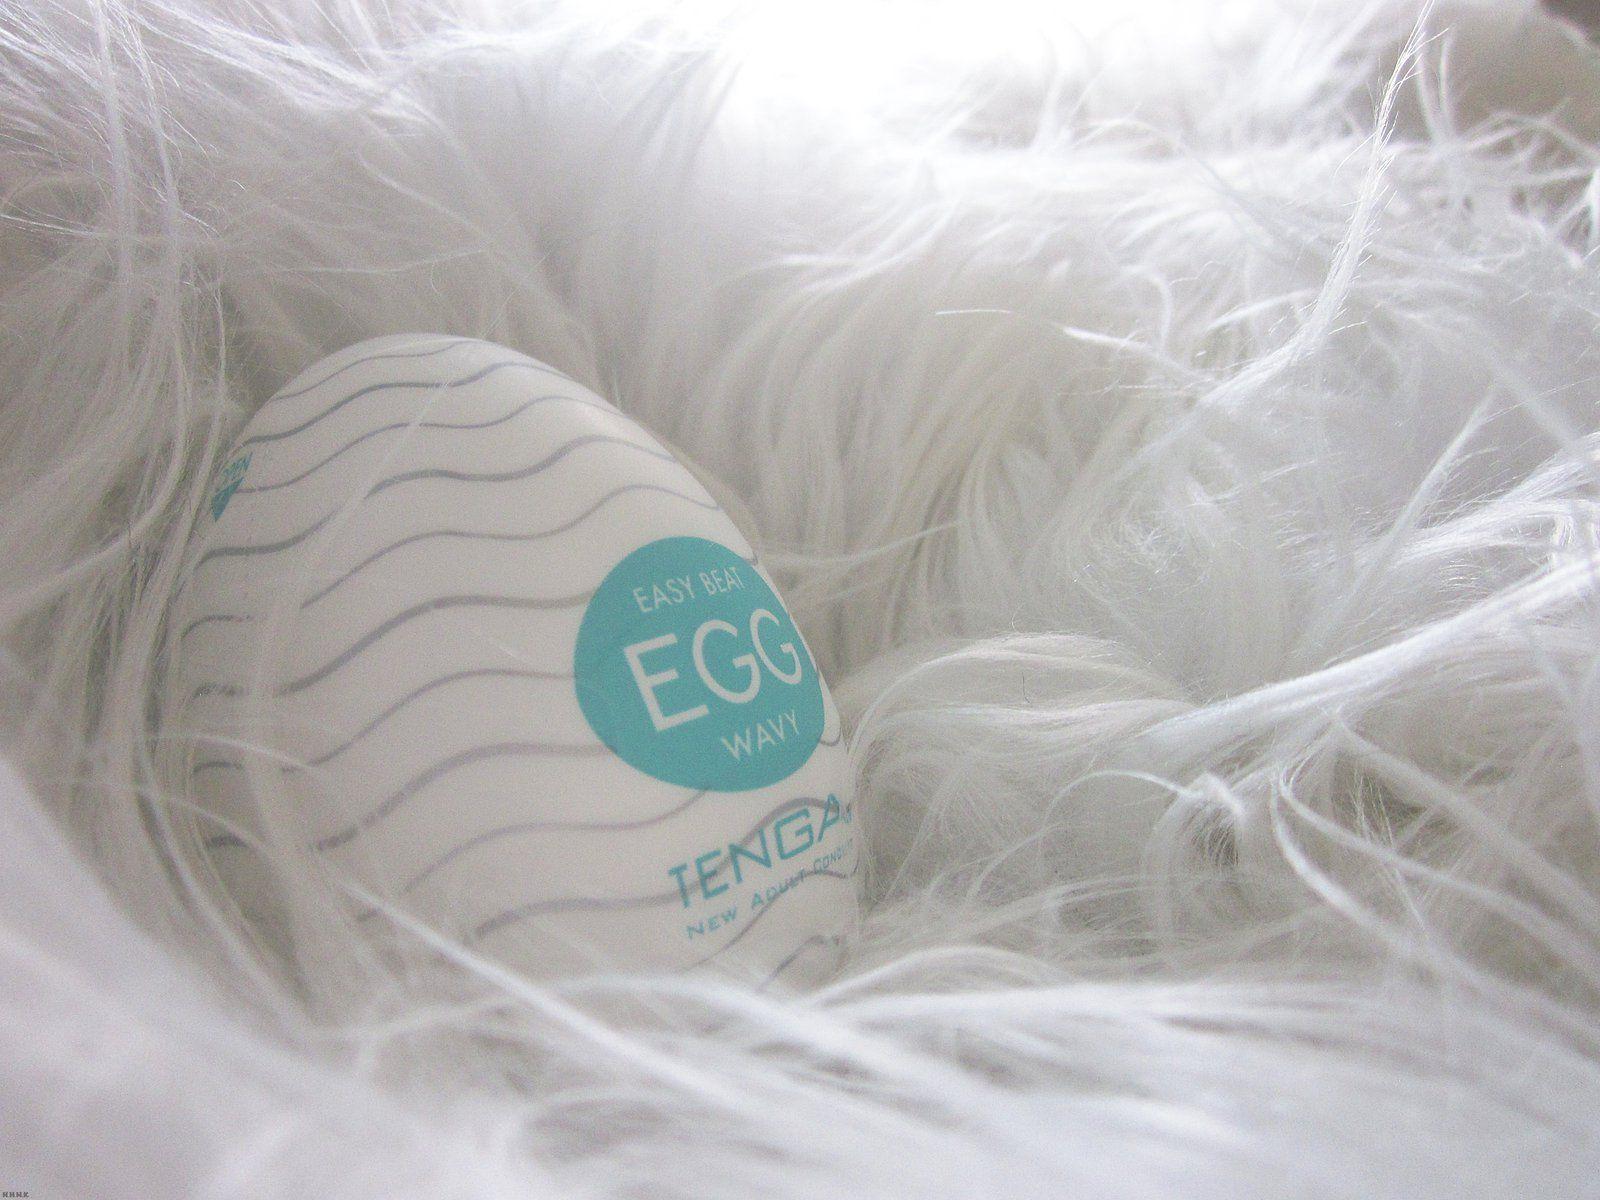 Celebrando La Pascua Tenga Egg Instrumentos De Placer Wavy